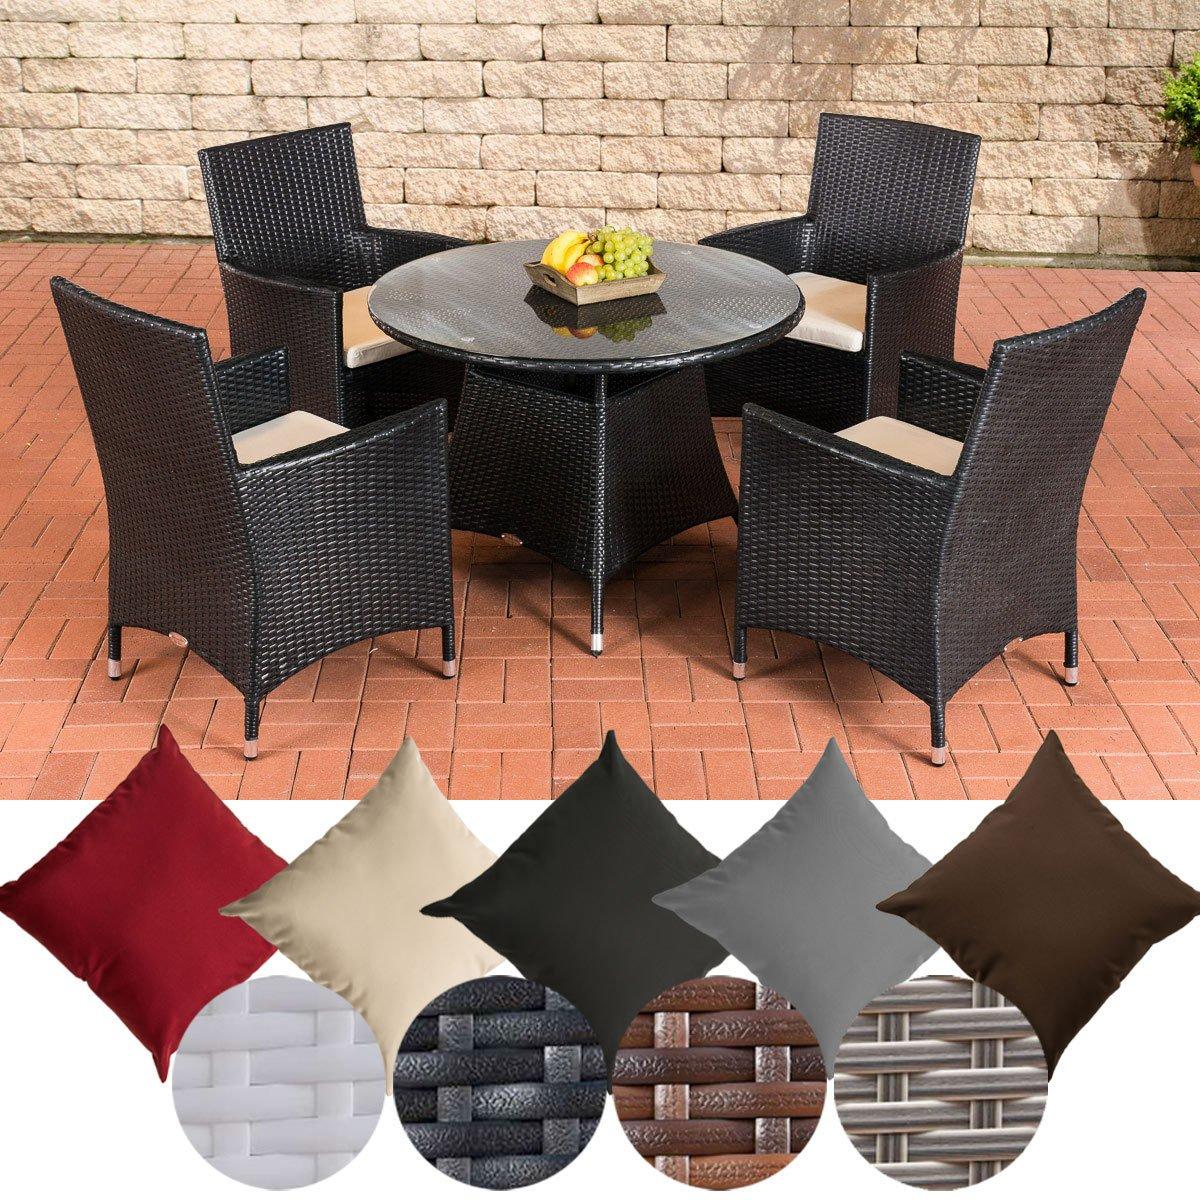 CLP Poly-Rattan Sitzgruppe SANREMO, 4 Garten-Sessel + Tisch rund Ø 100 cm, FARBWAHL Rattan Farbe Schwarz, Bezugfarbe Cremeweiß